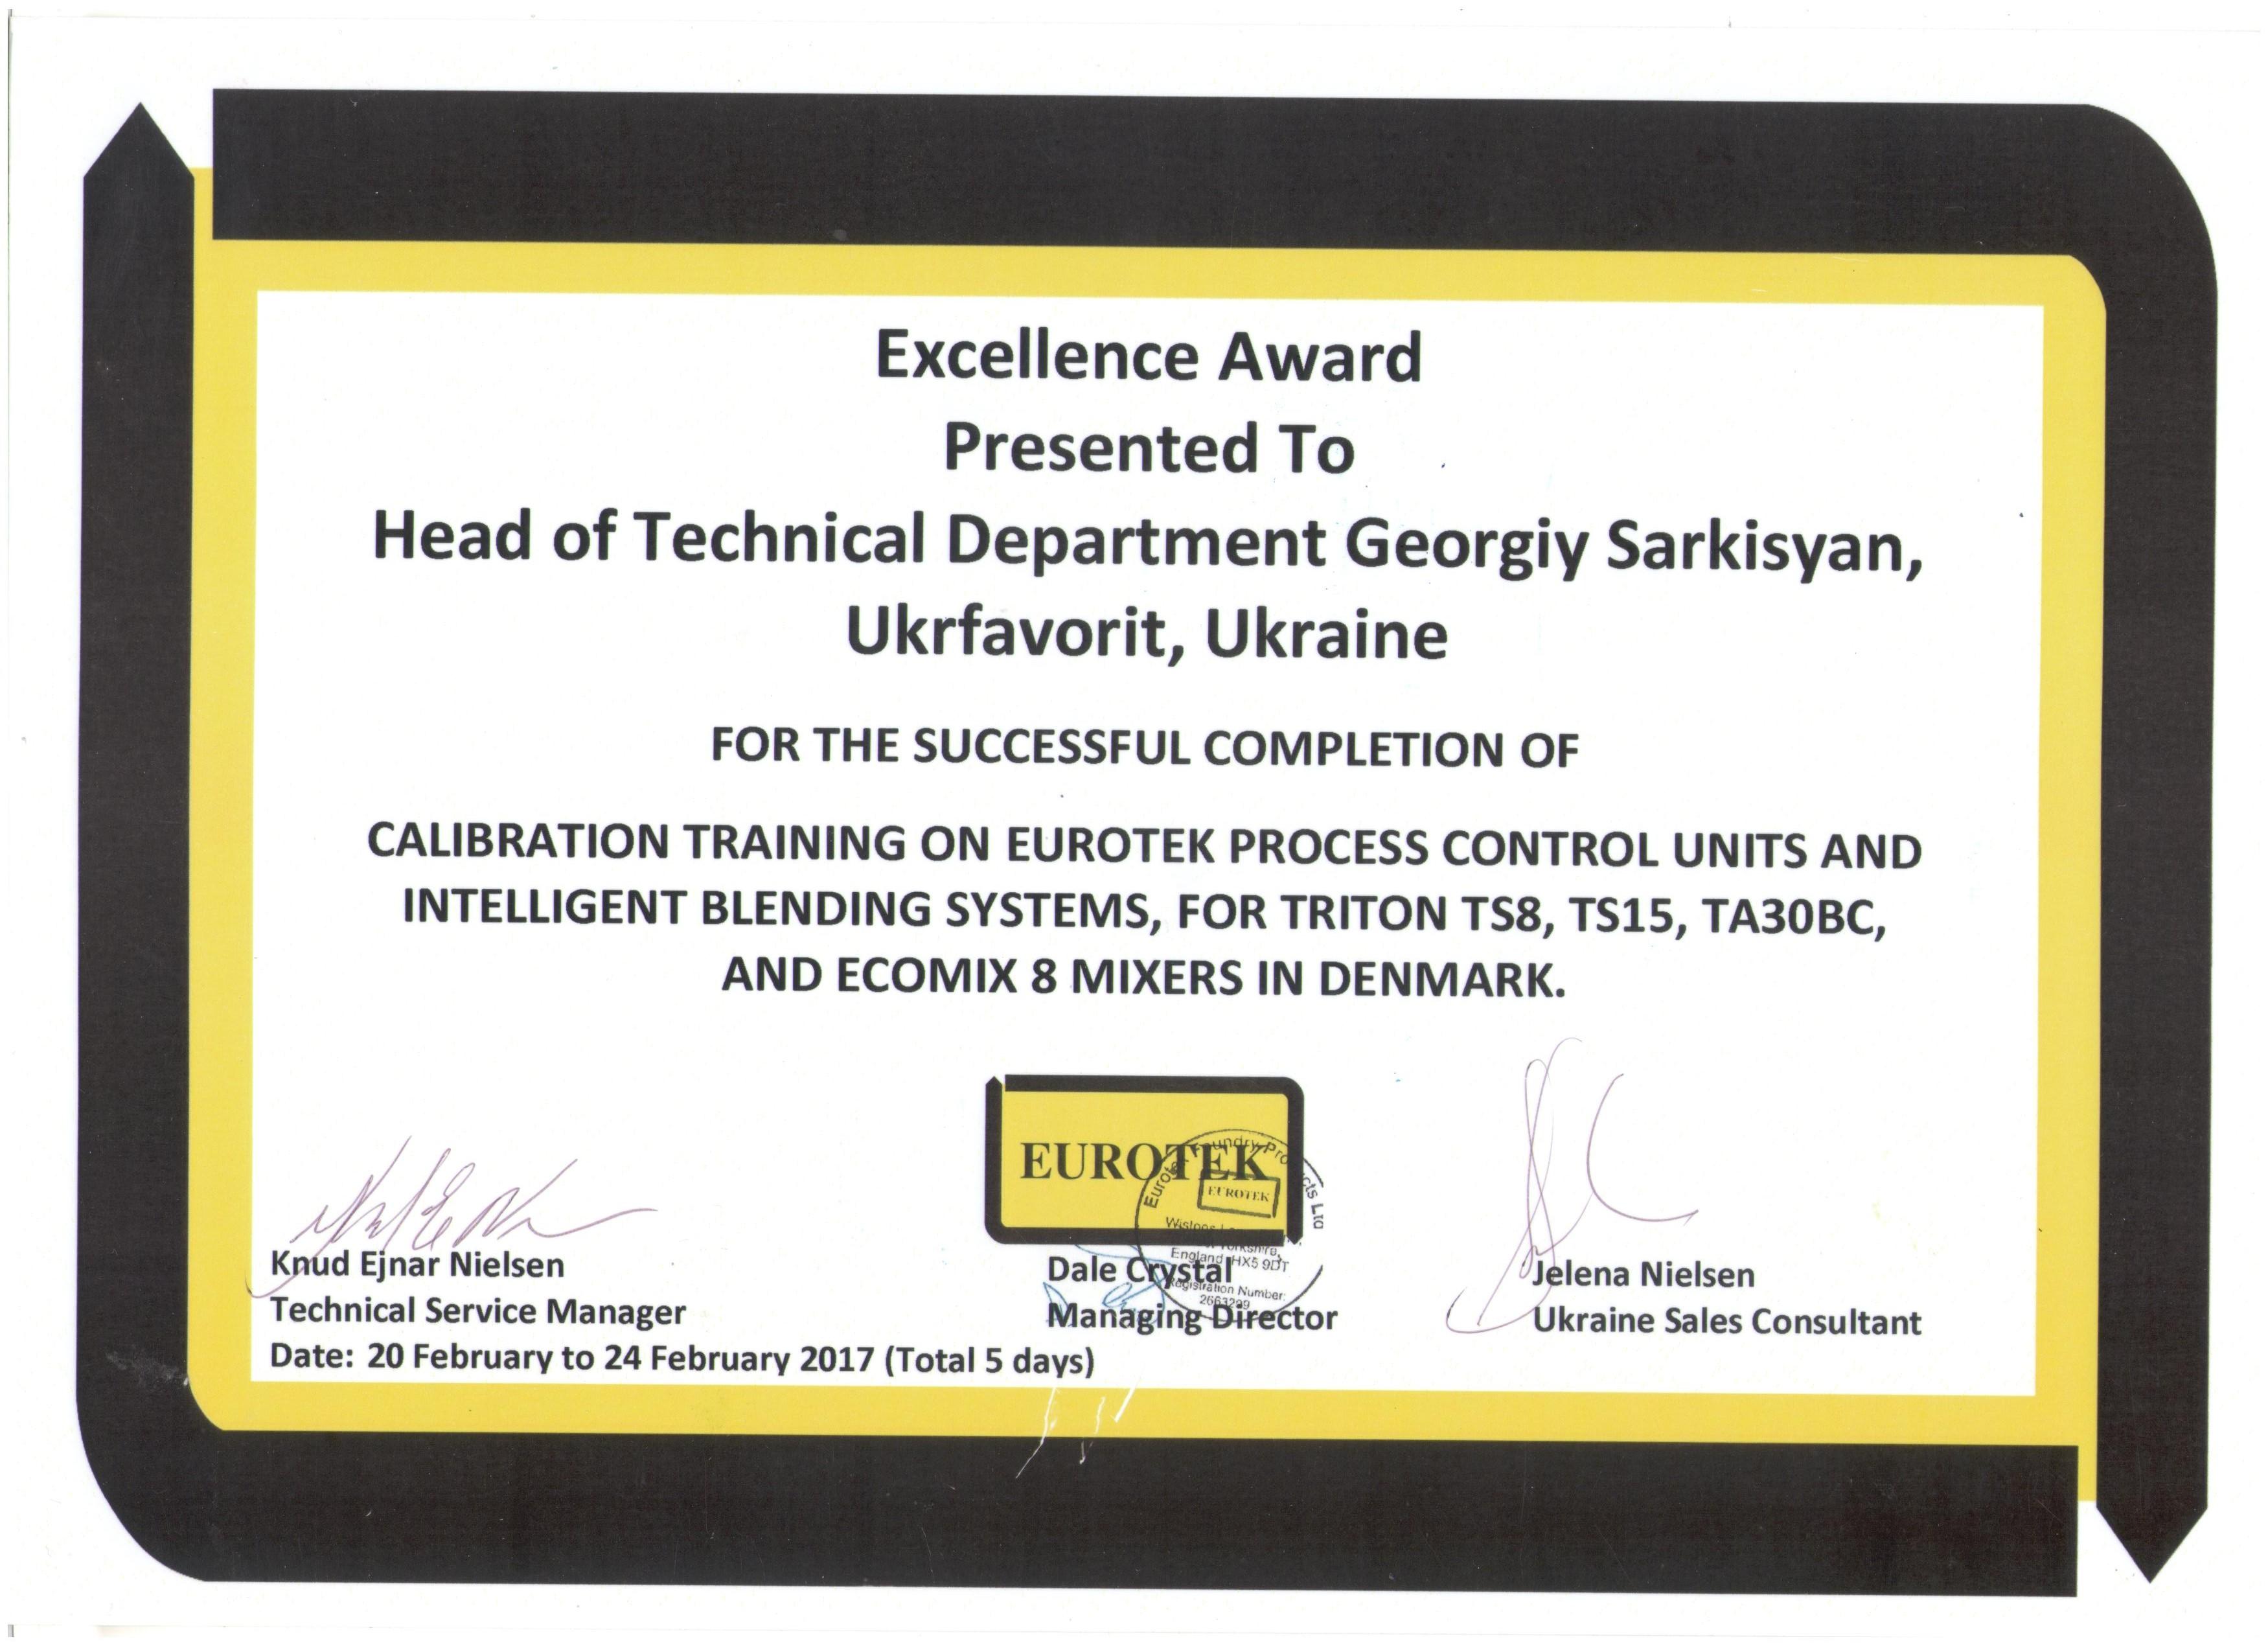 Именные сертификаты об успешном окончании обучения на литейных предприятиях в Дании.